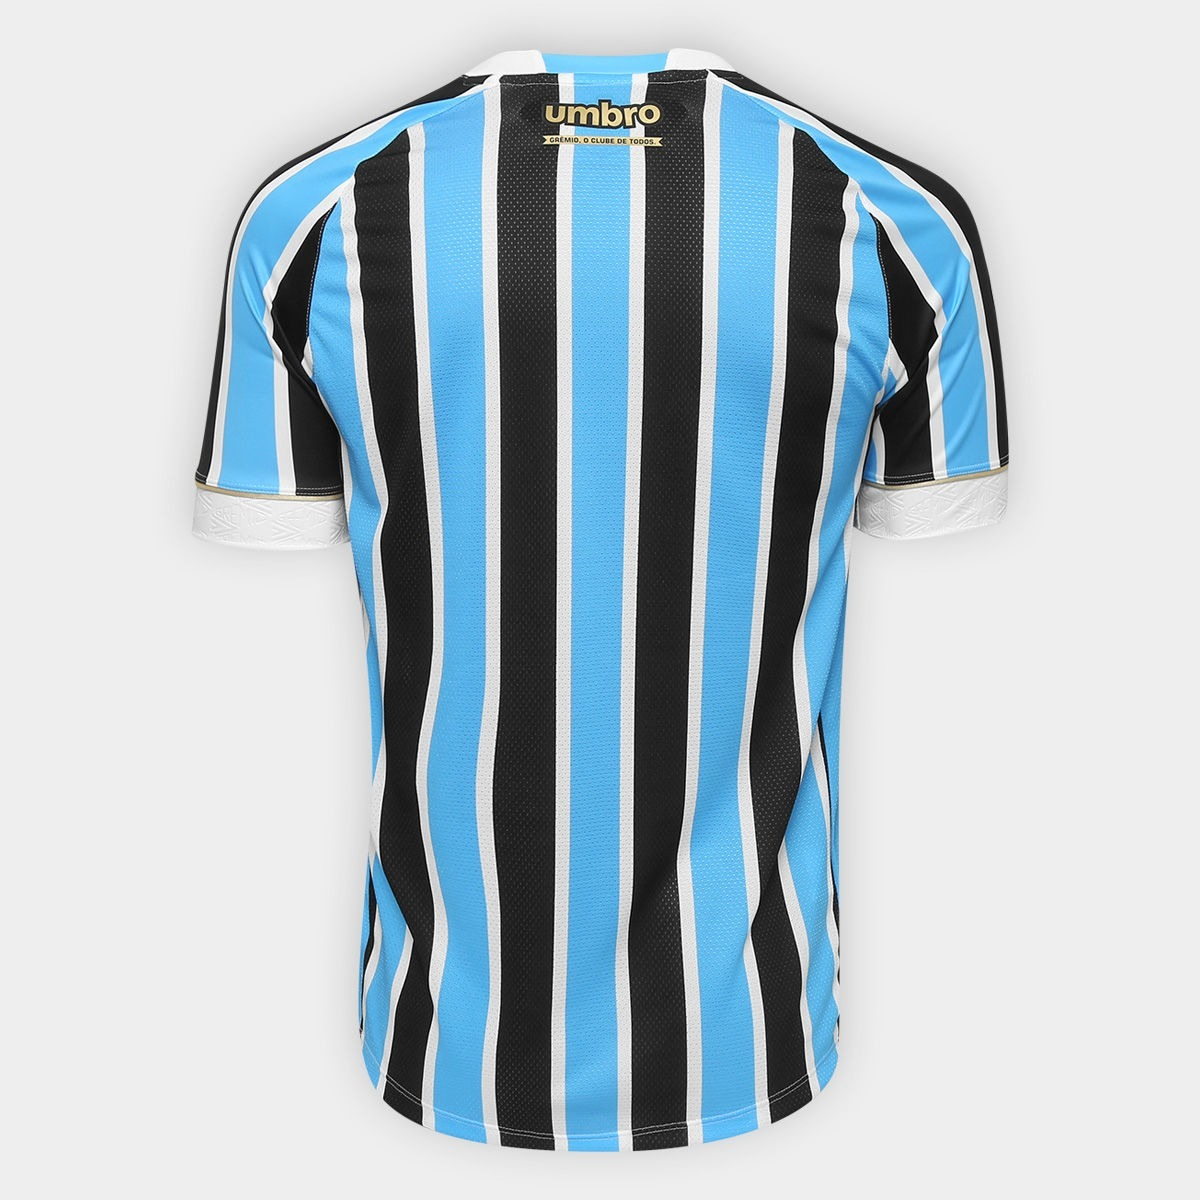 camisa grêmio original umbro pronta entrega oficial 2018 !! Carregando zoom. fbdad2571223e